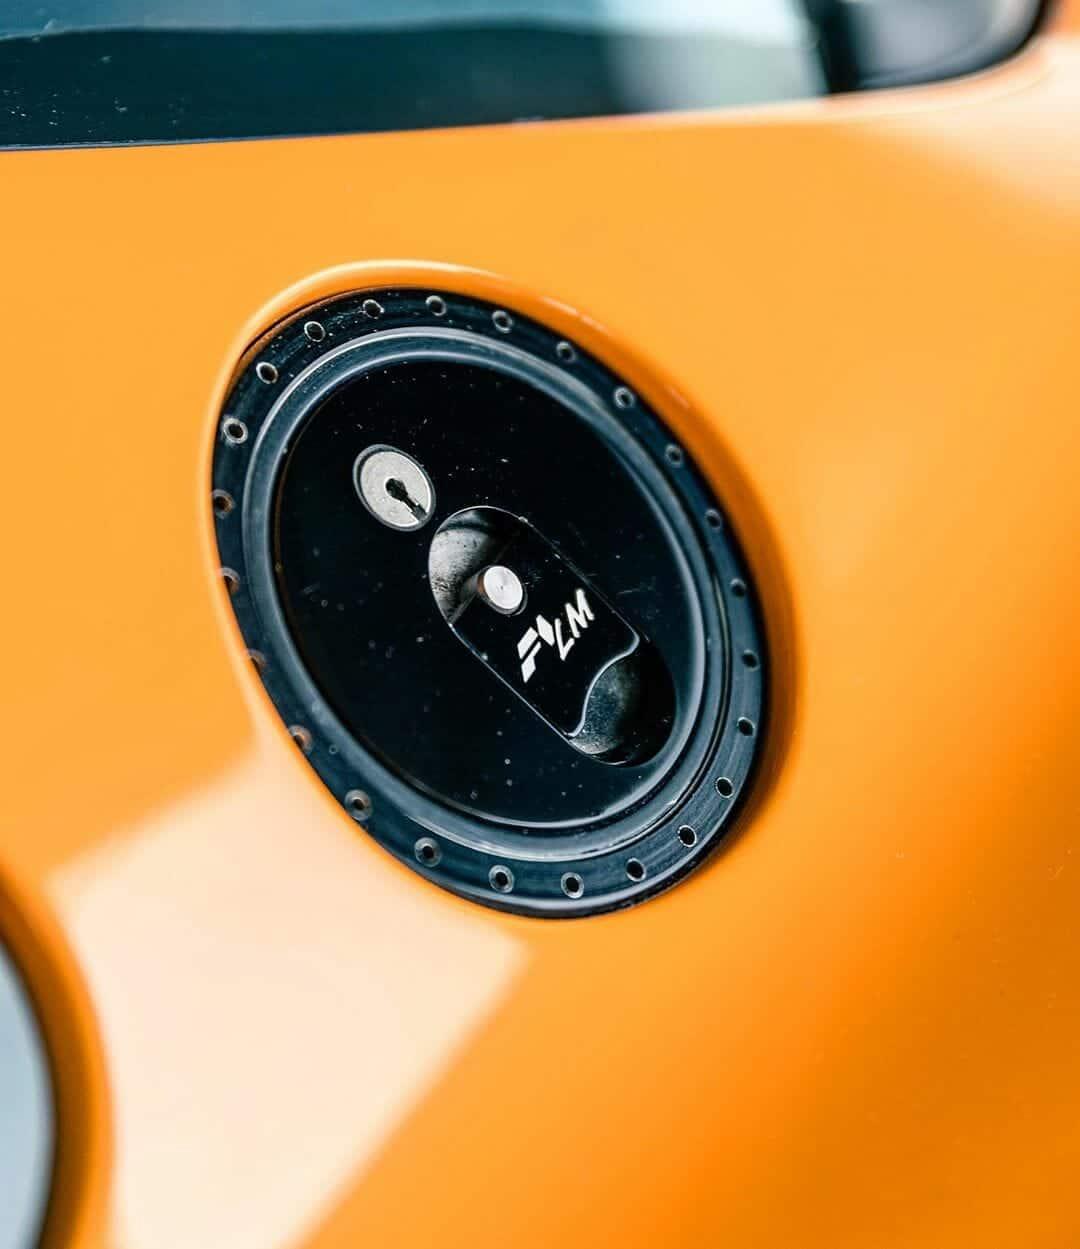 McLaren F1 LM - Image 6